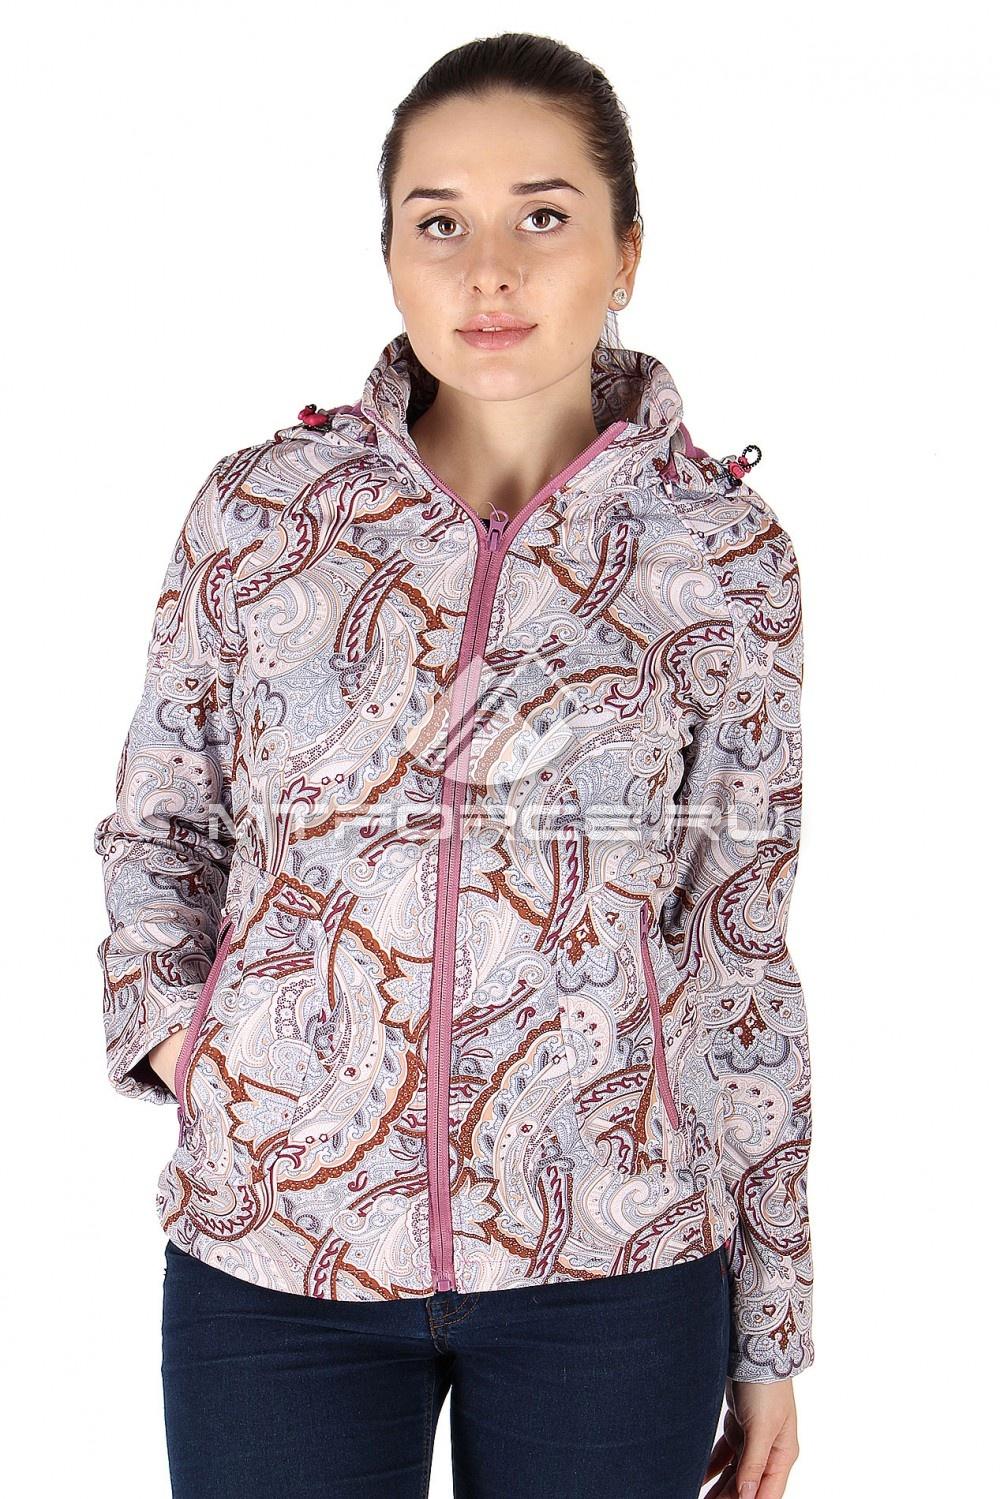 Купить                                  оптом Куртка ветровка батал женская бежевого цвета 922B